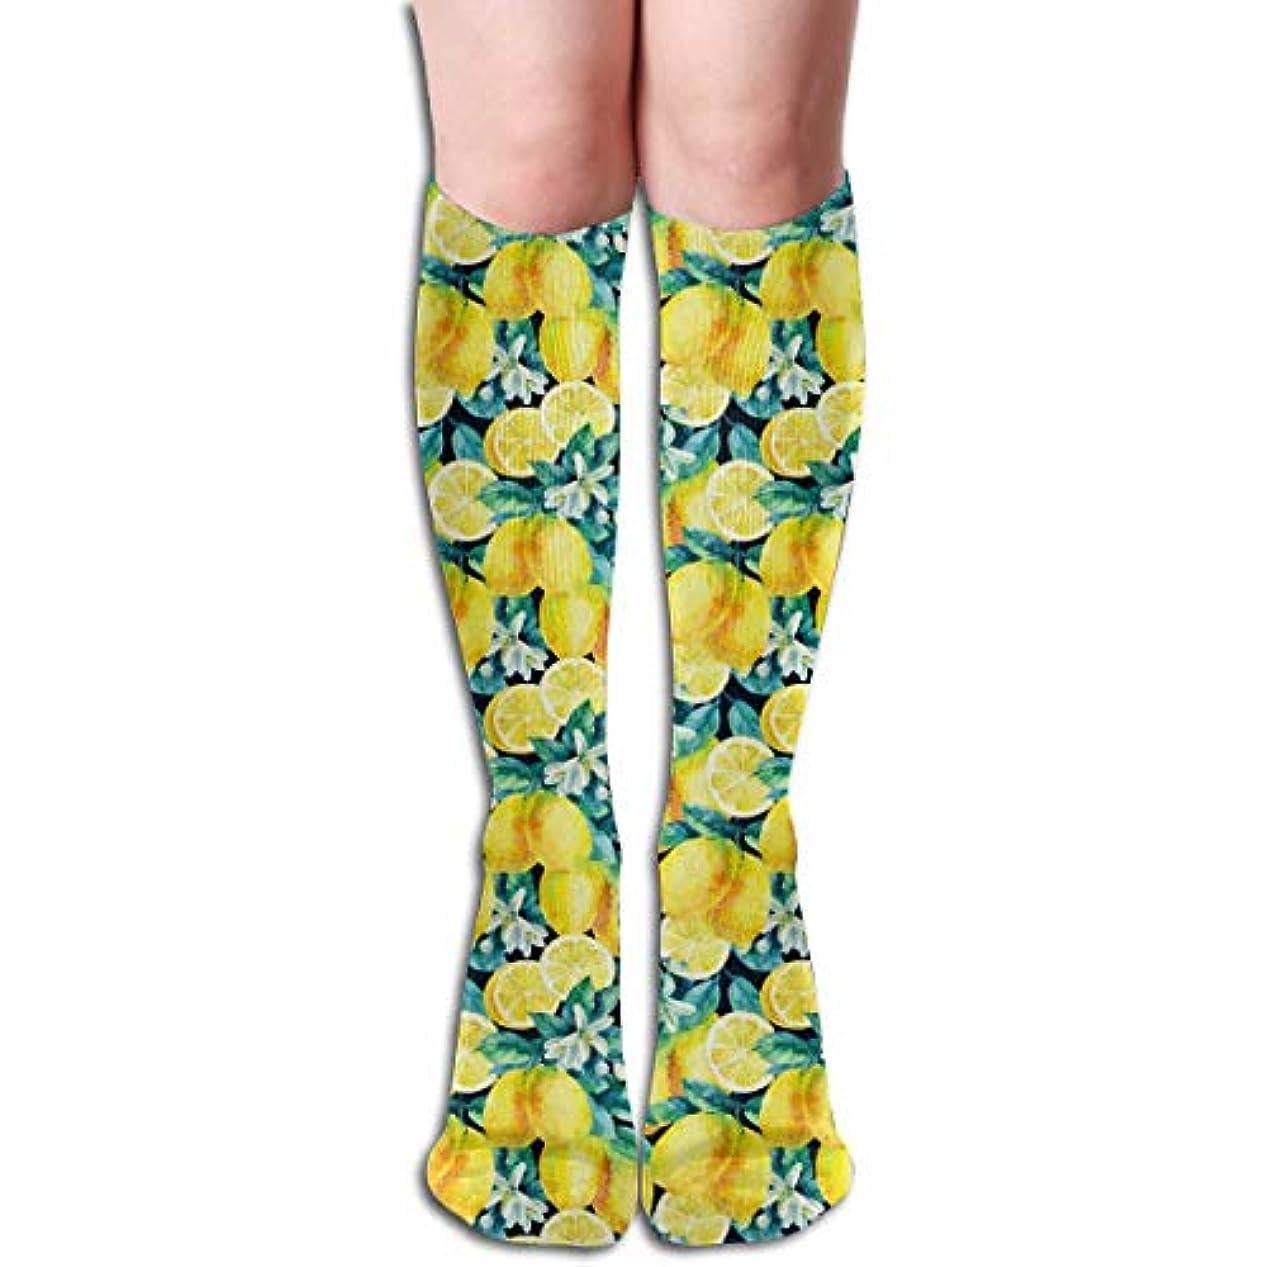 ルアー干渉解釈的QRRIYアスレチックソックス水彩レモン果物3 D圧縮ソックス男性のための長い靴下